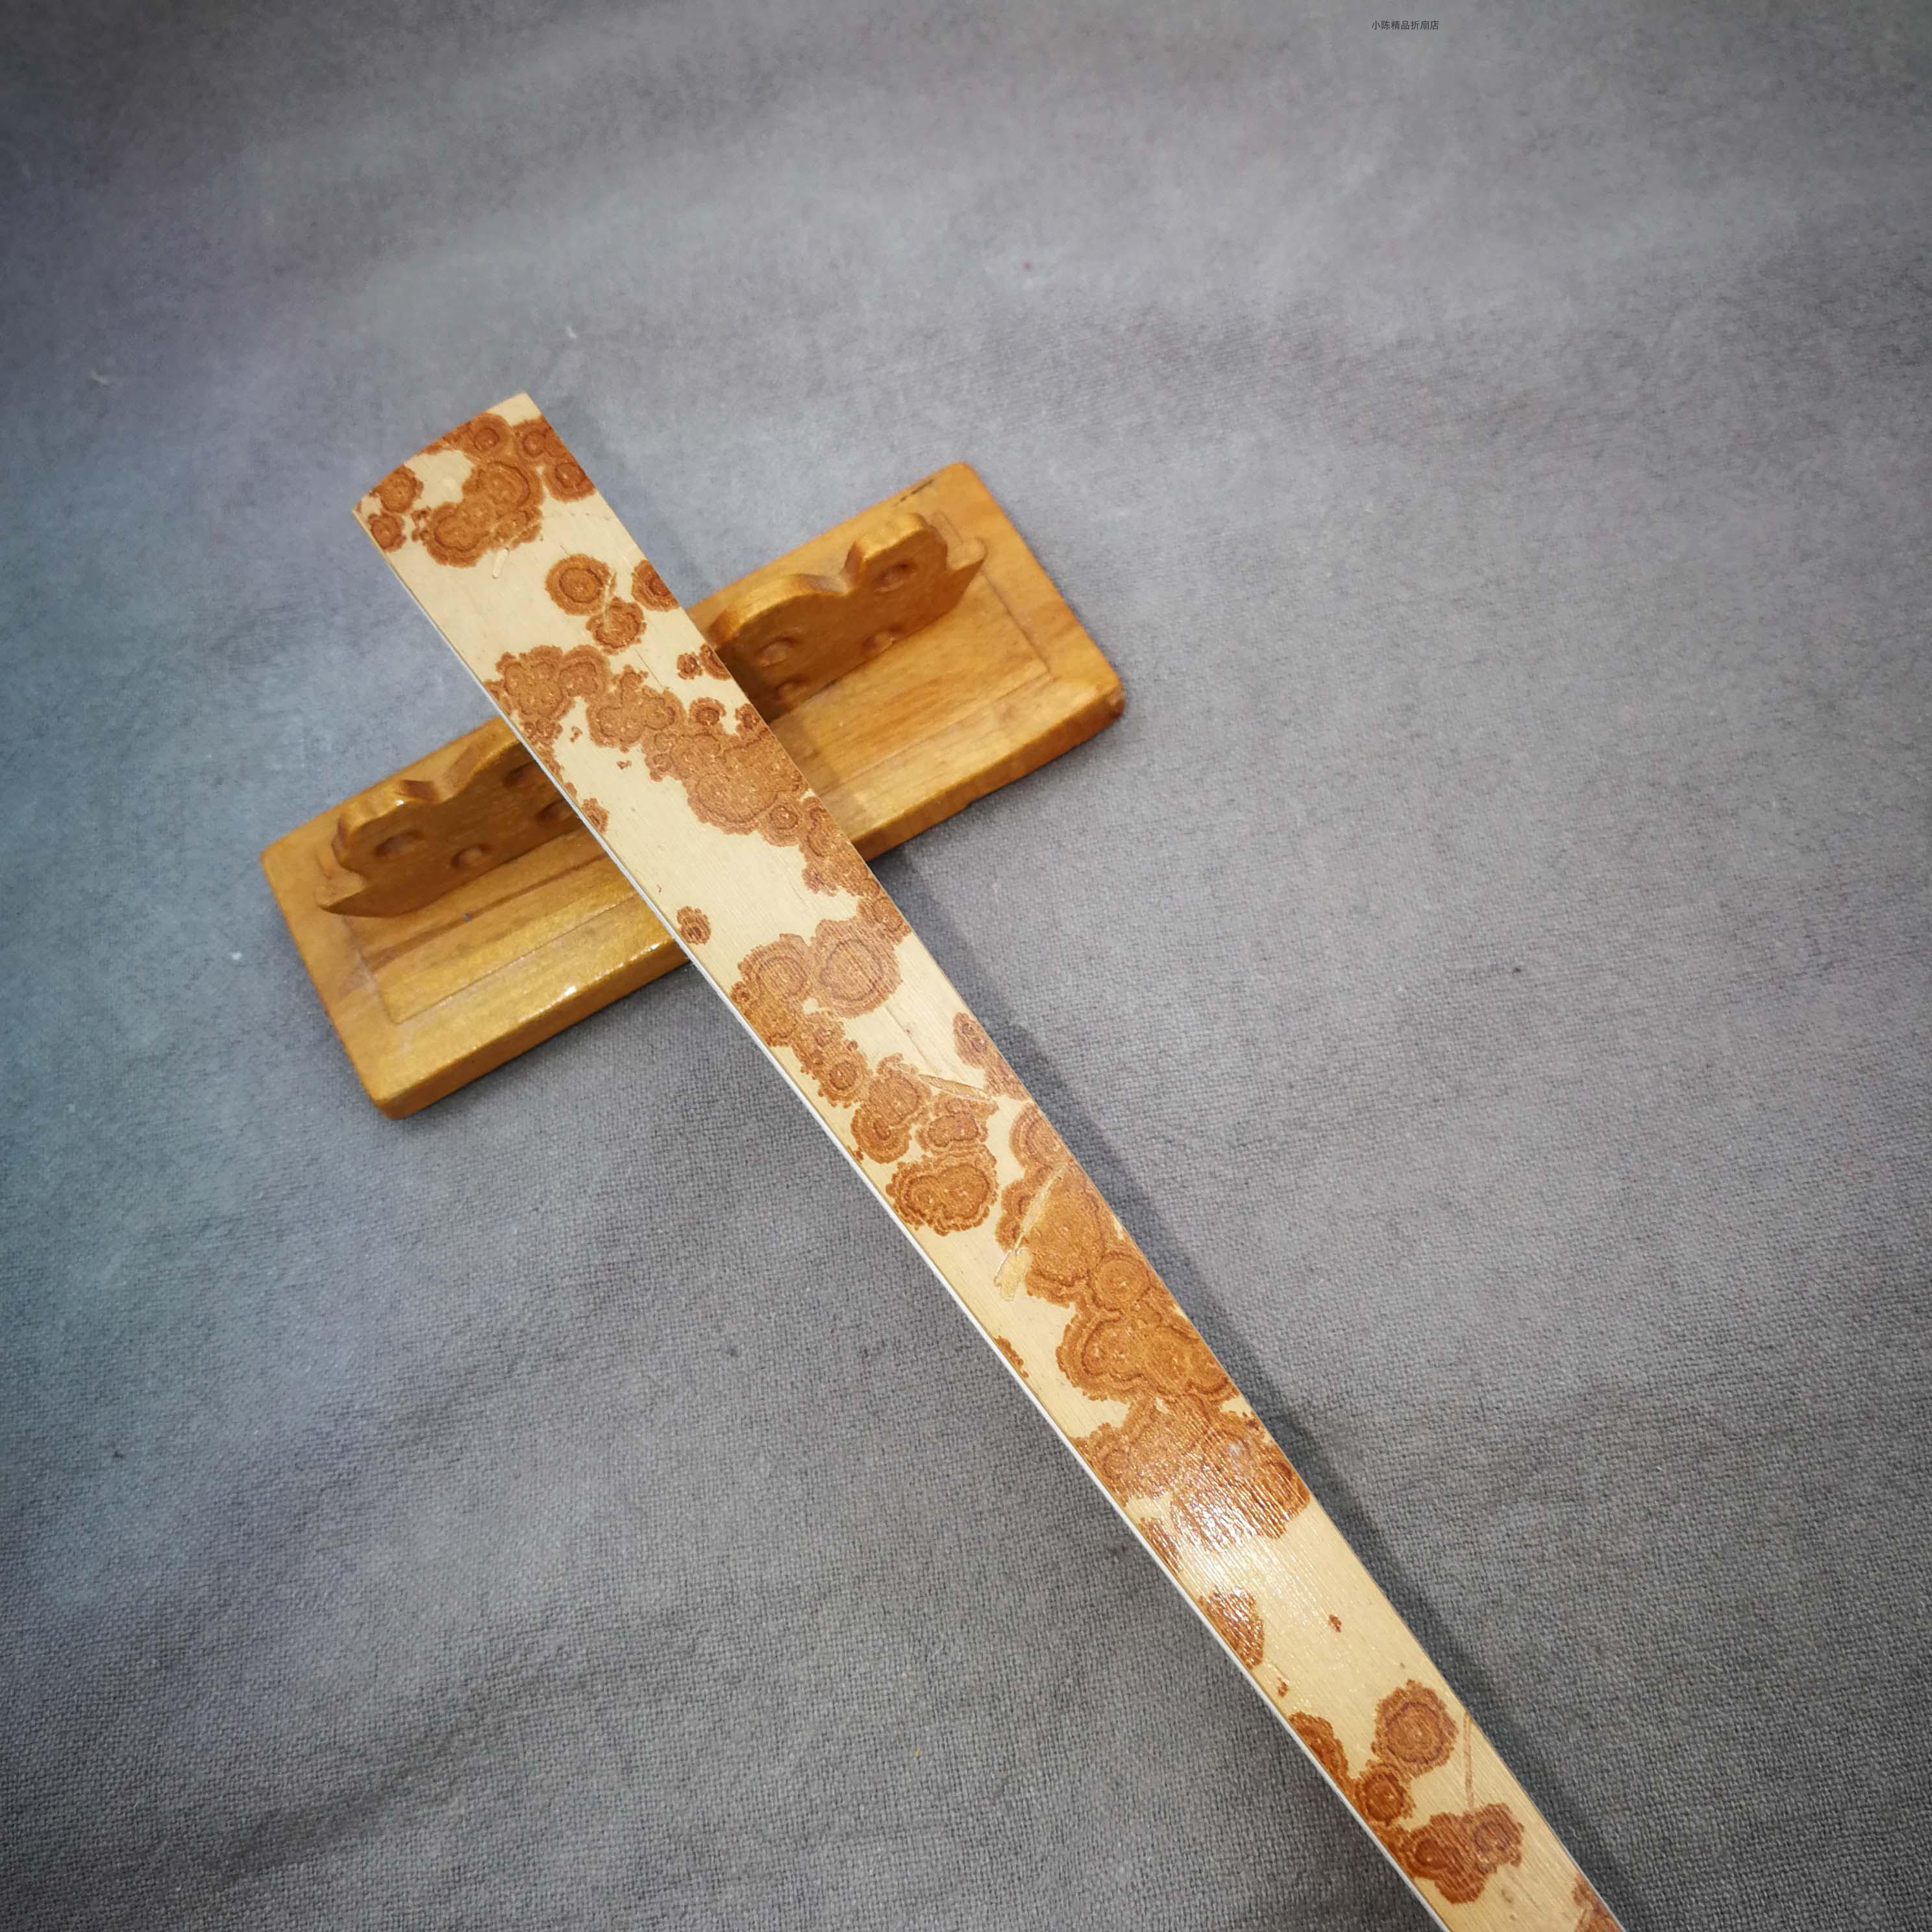 红湘妃折扇 8寸18方 玉竹骨苏工文玩收藏礼品折扇苏州扇面